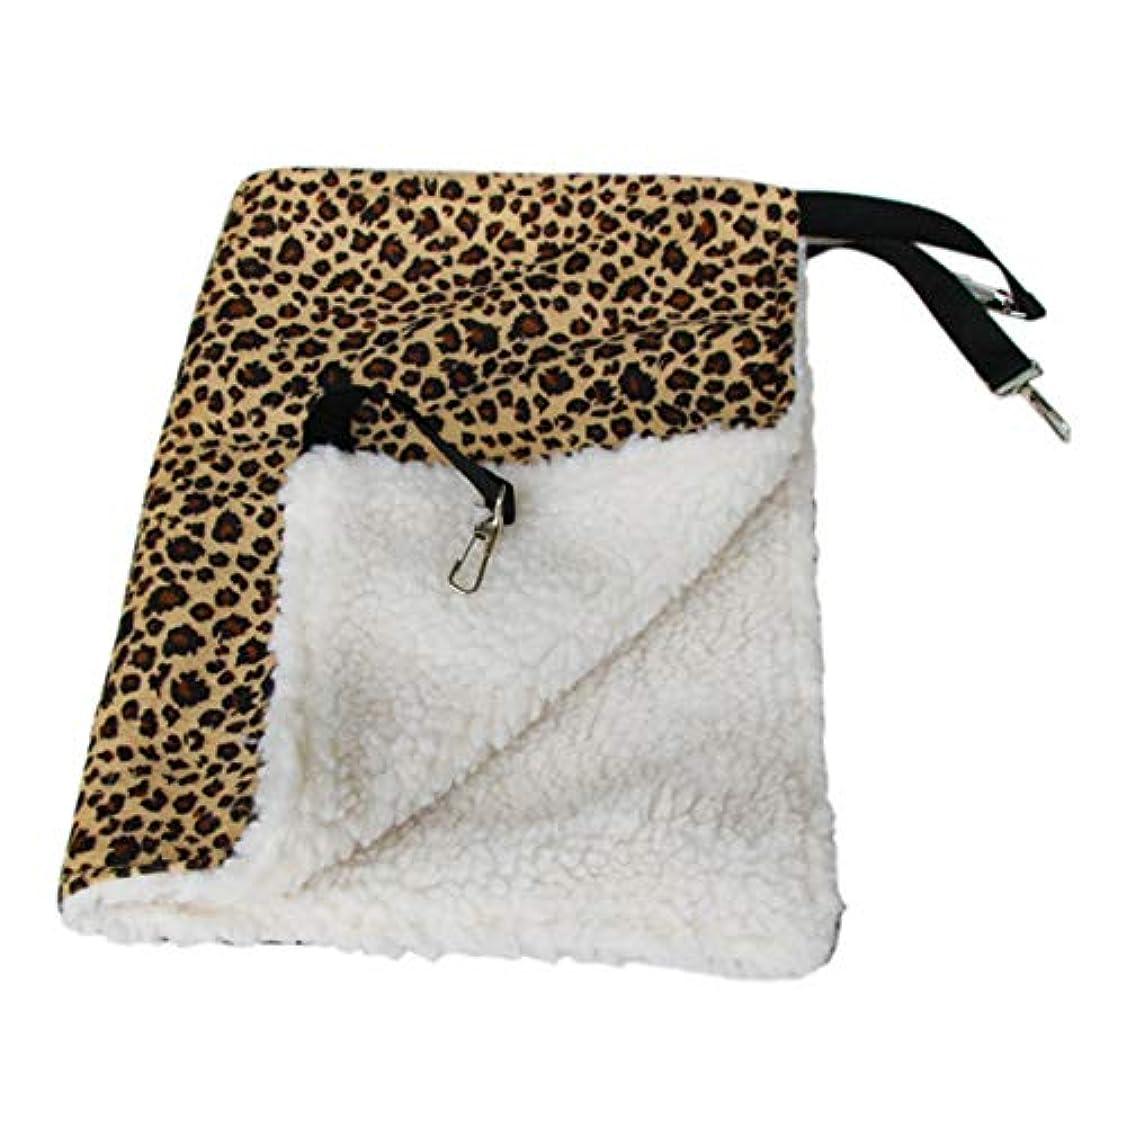 ダンプアラームイライラするSaikogoods 暖かいハンギング猫ベッドマットソフトキャットハンモック冬ハンモックペット子猫ケージベッドカバークッションエアベッドペット 黄 L